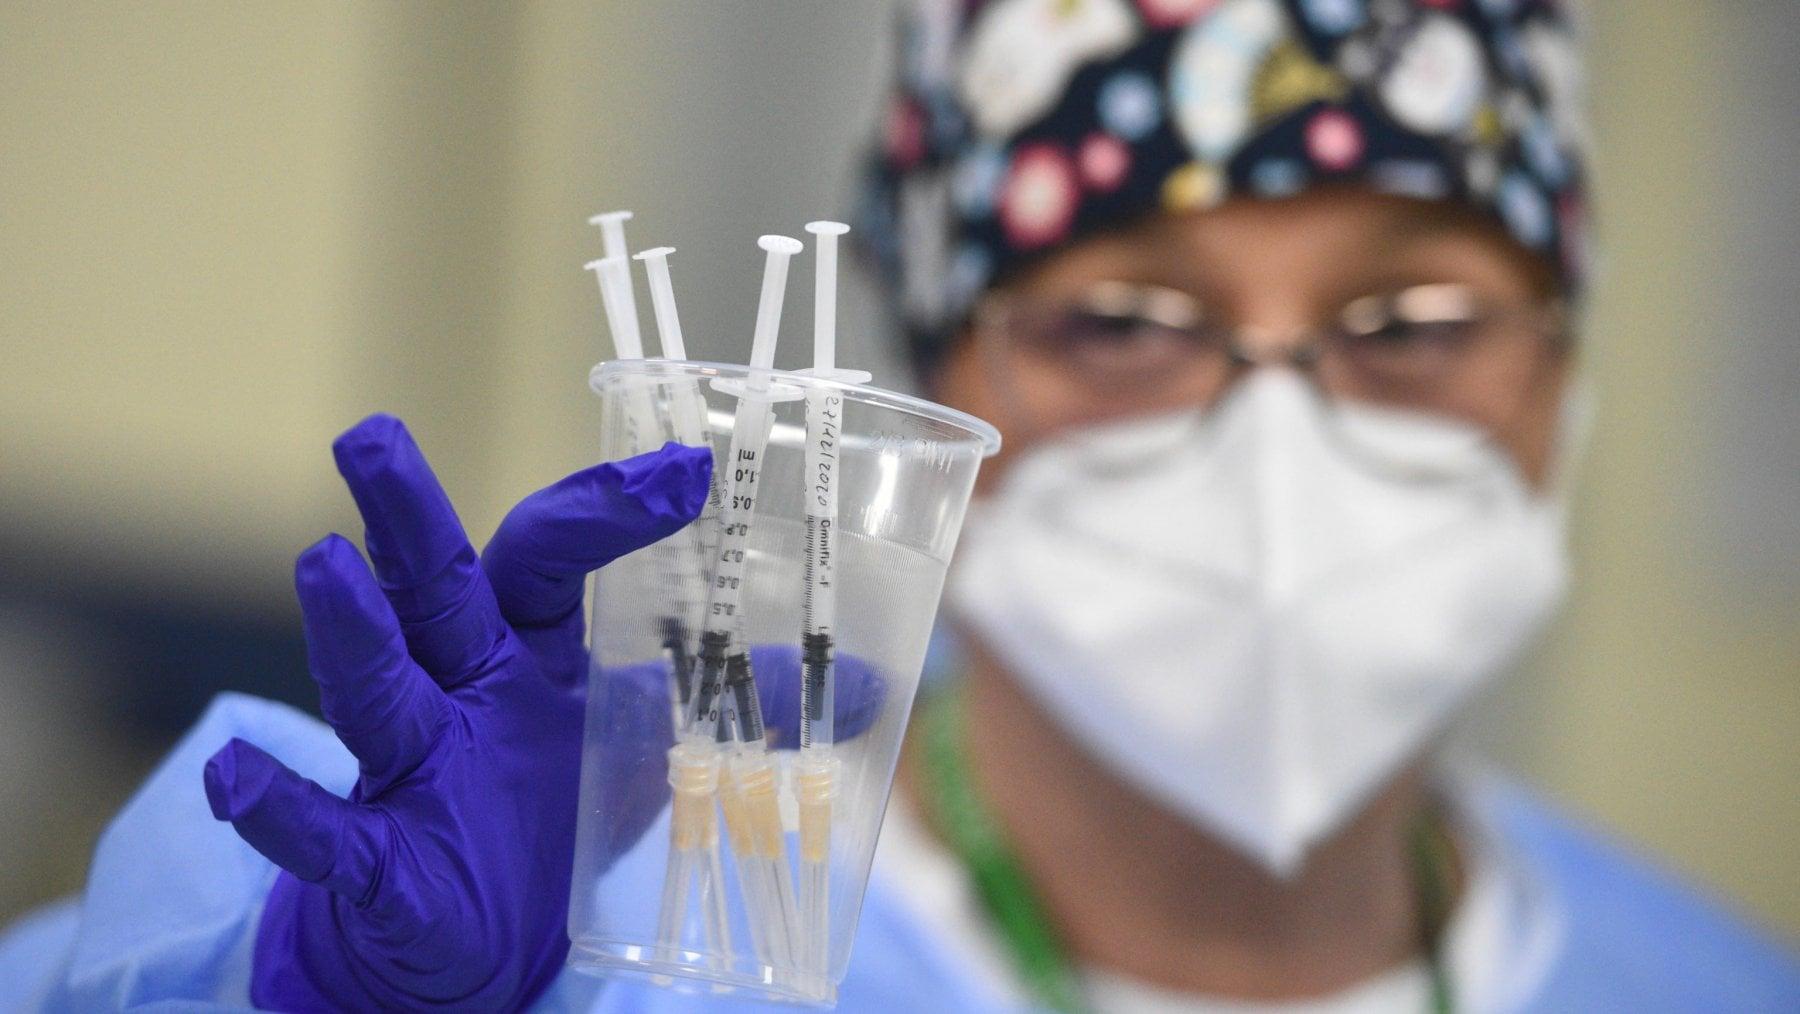 214723748 55c0ece5 873e 4177 806e 8ff85e1fcbed - Germania, accordo con BioNTech per altri 30 milioni di dosi di vaccino. Errore in casa di riposo: iniettate 5 dosi a operatori sanitari